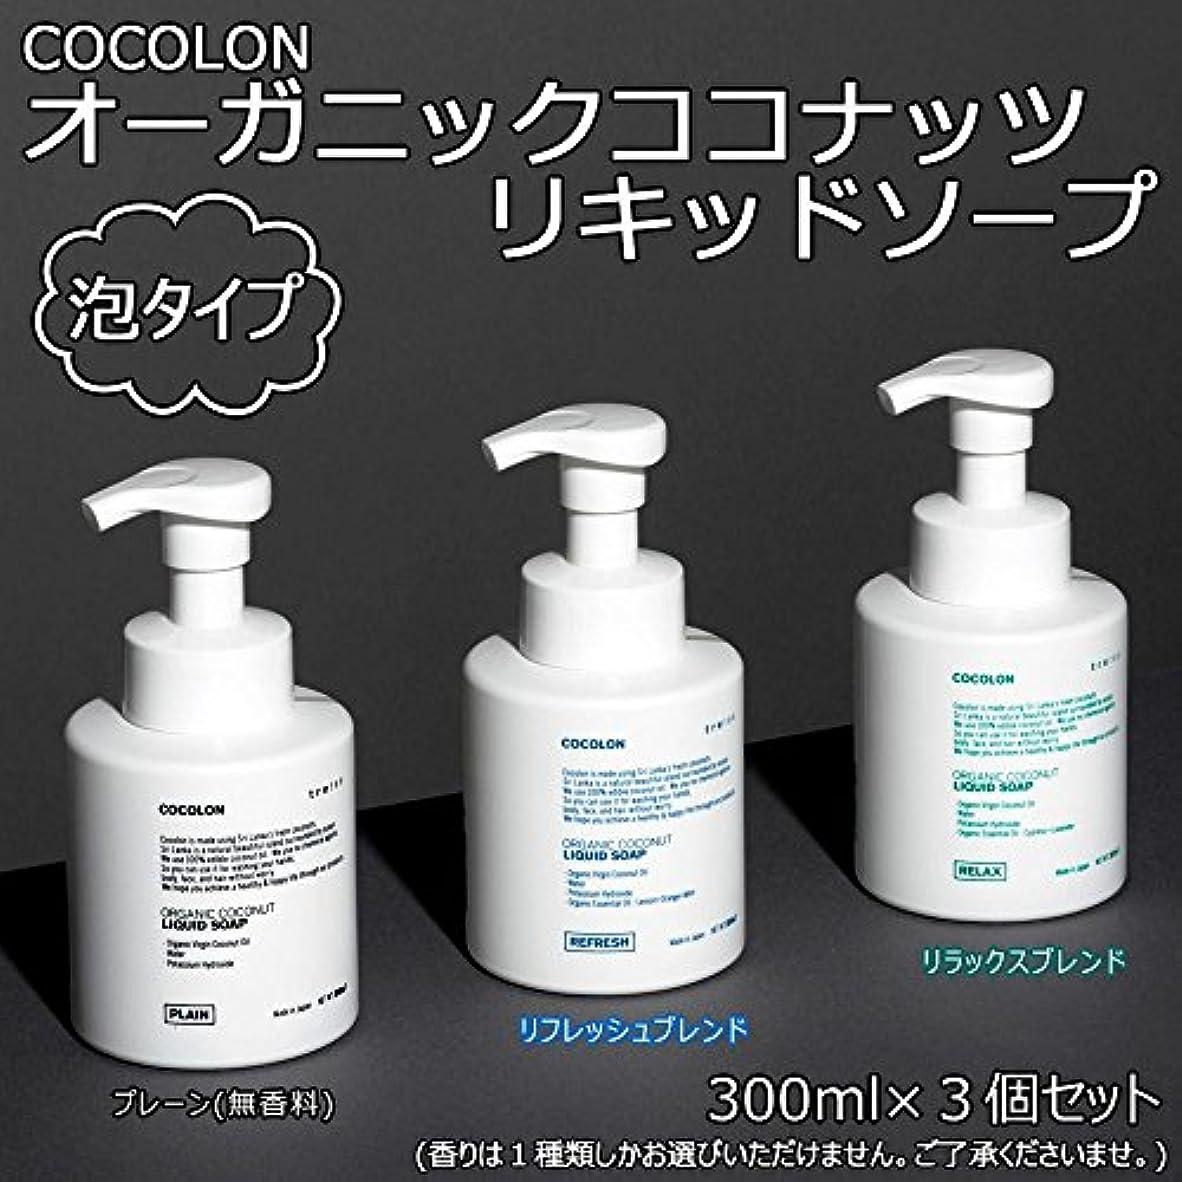 シネウィラビリンスほのめかすCOCOLON ココロン オーガニックココナッツリキッドソープ 泡タイプ 300ml 3個セット【同梱?代引不可】 ■3種類の内「リフレッシュブレンド」のみです